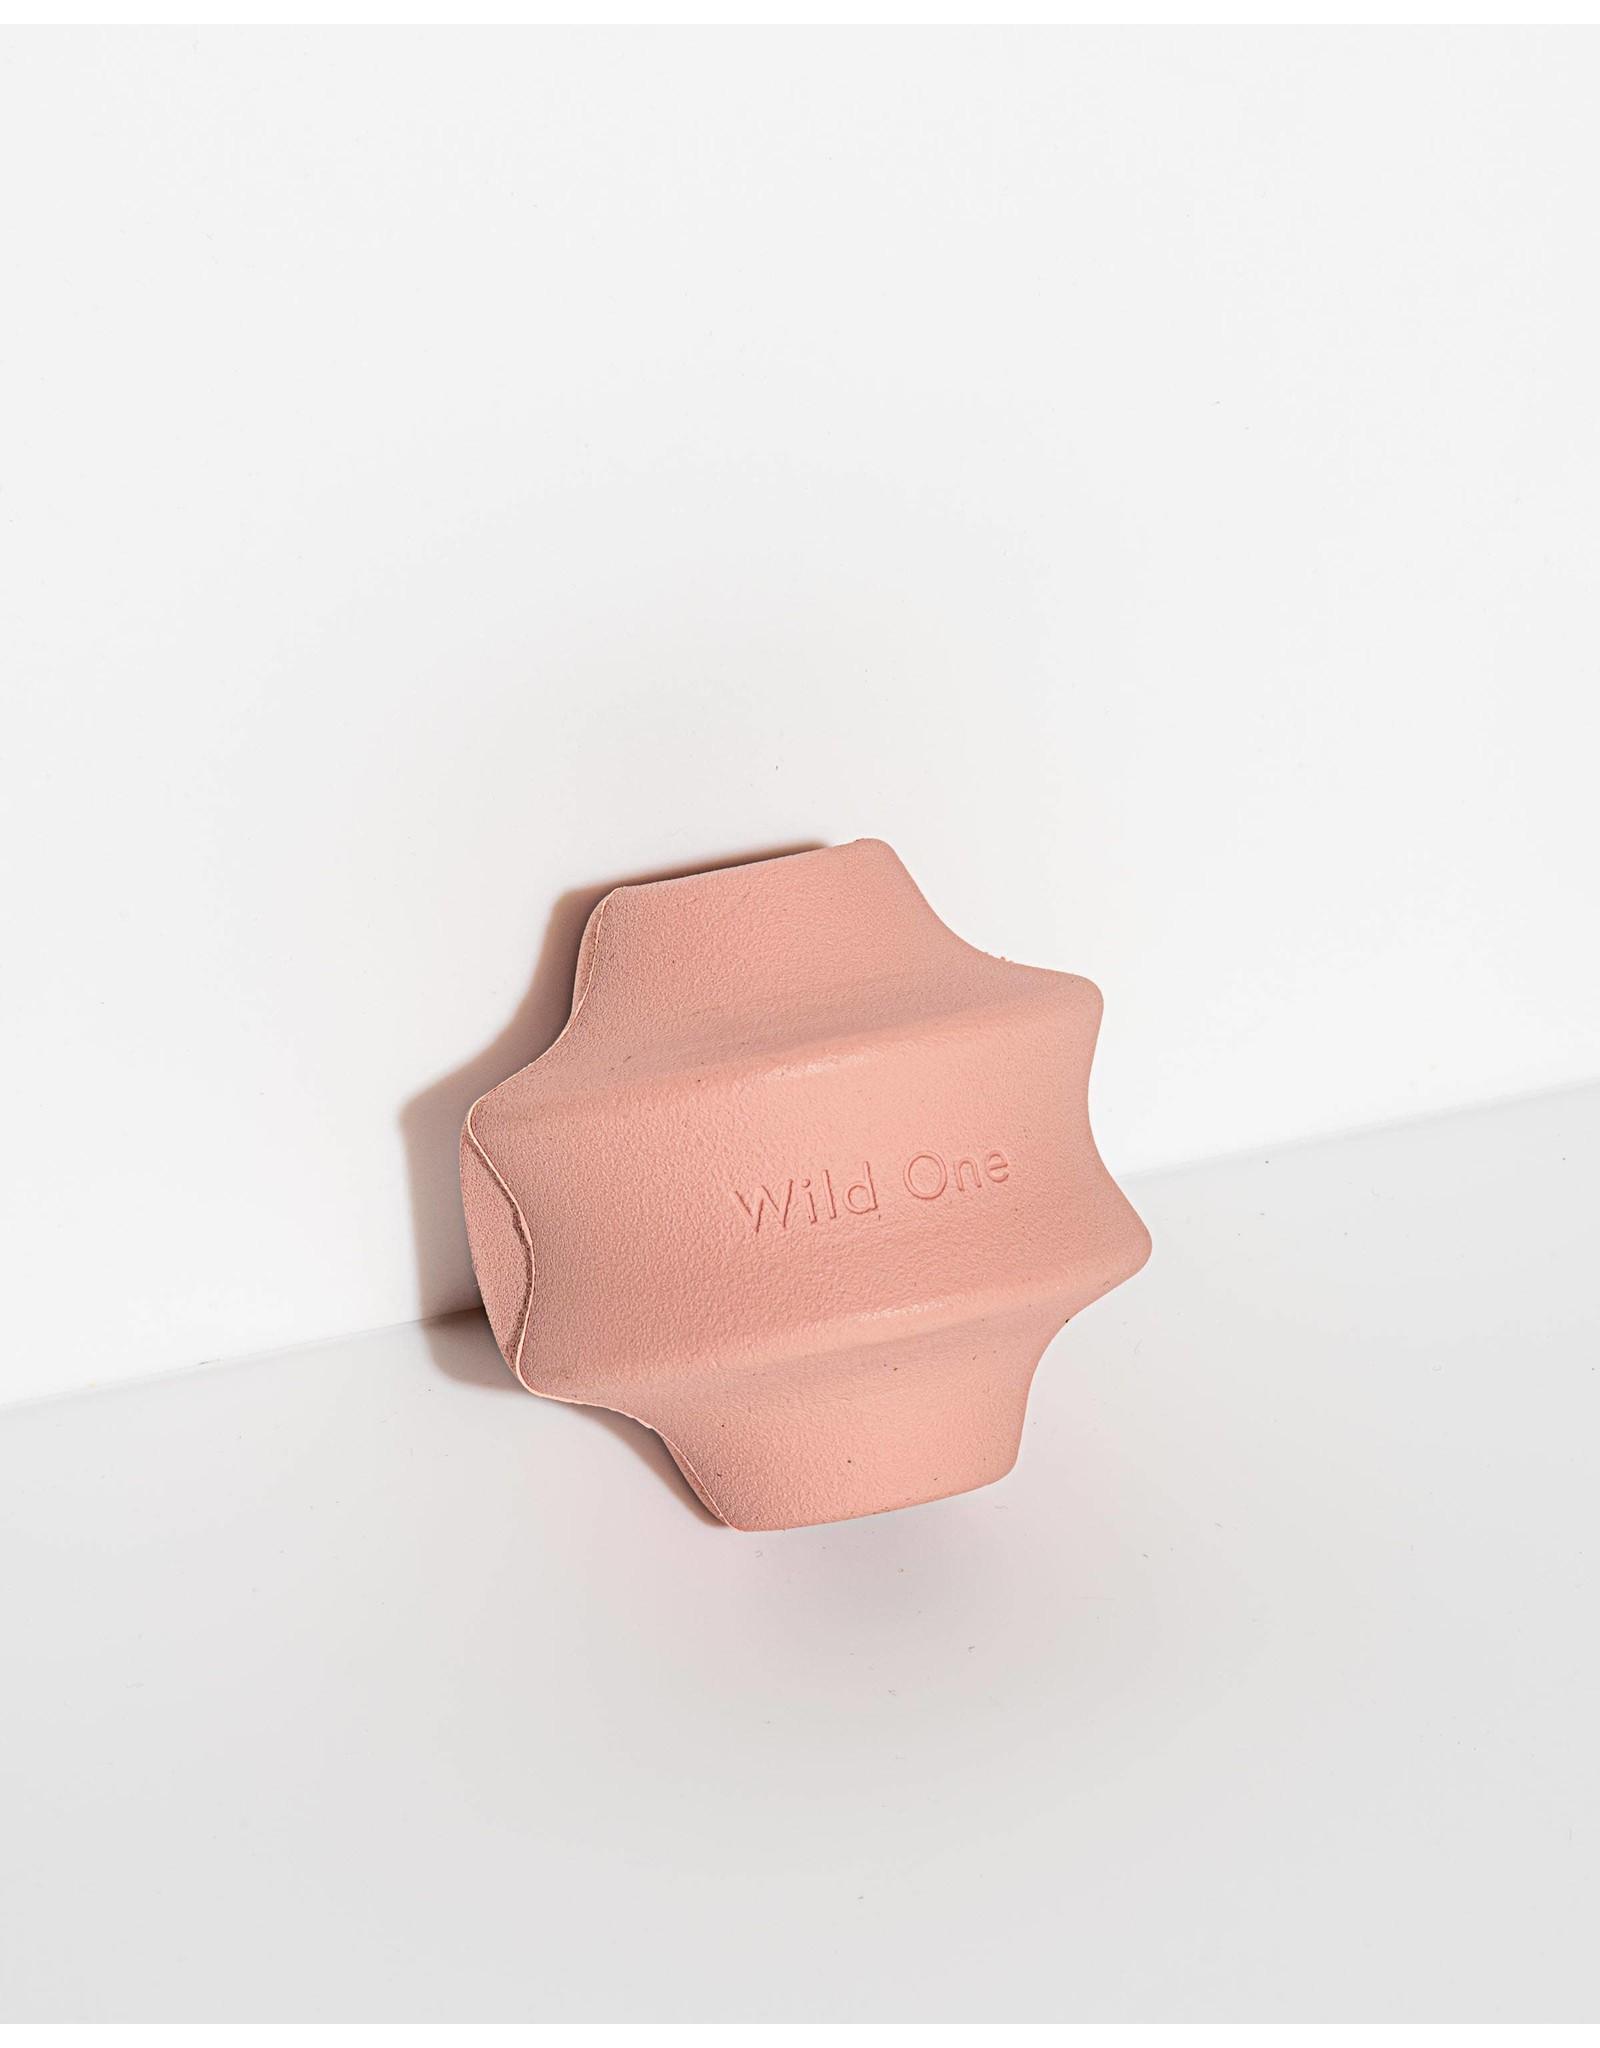 Wild One Twist Toss - Pink